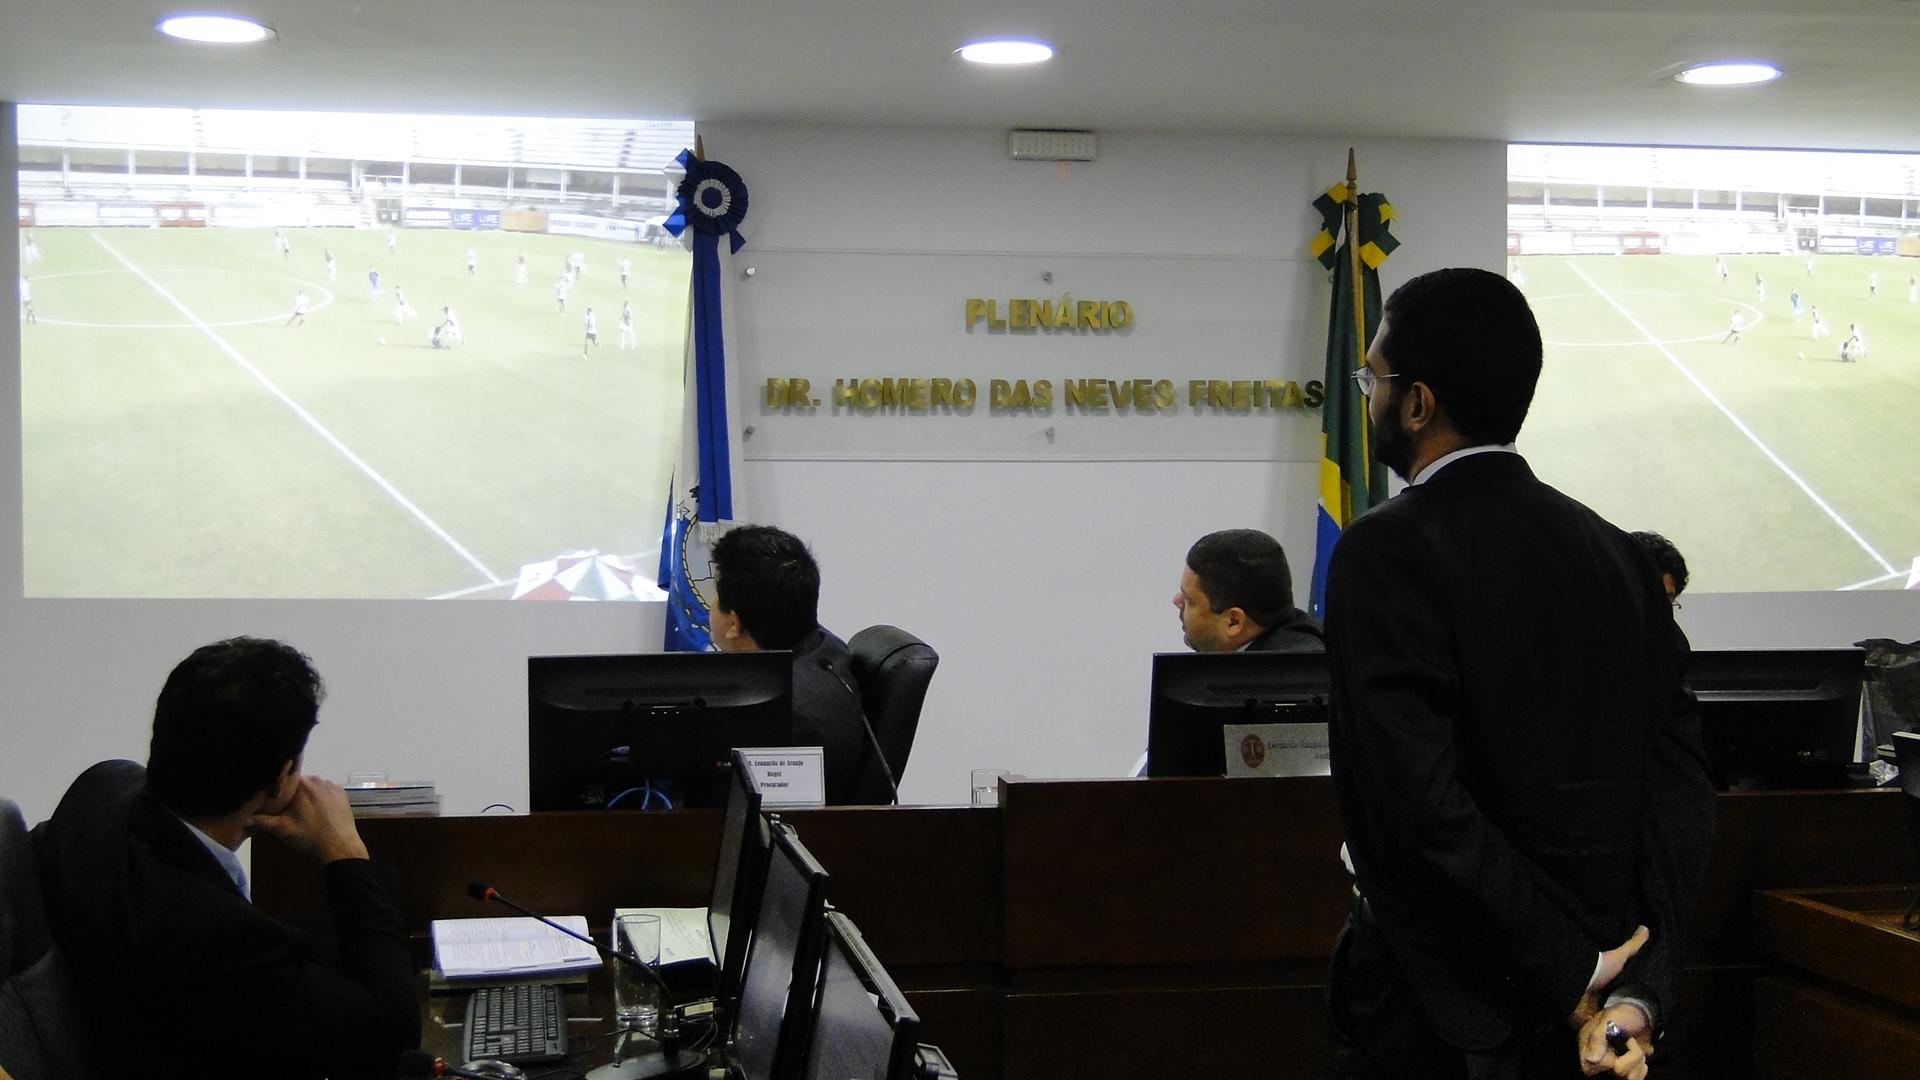 Segunda Comissão Disciplinar julga oito processos